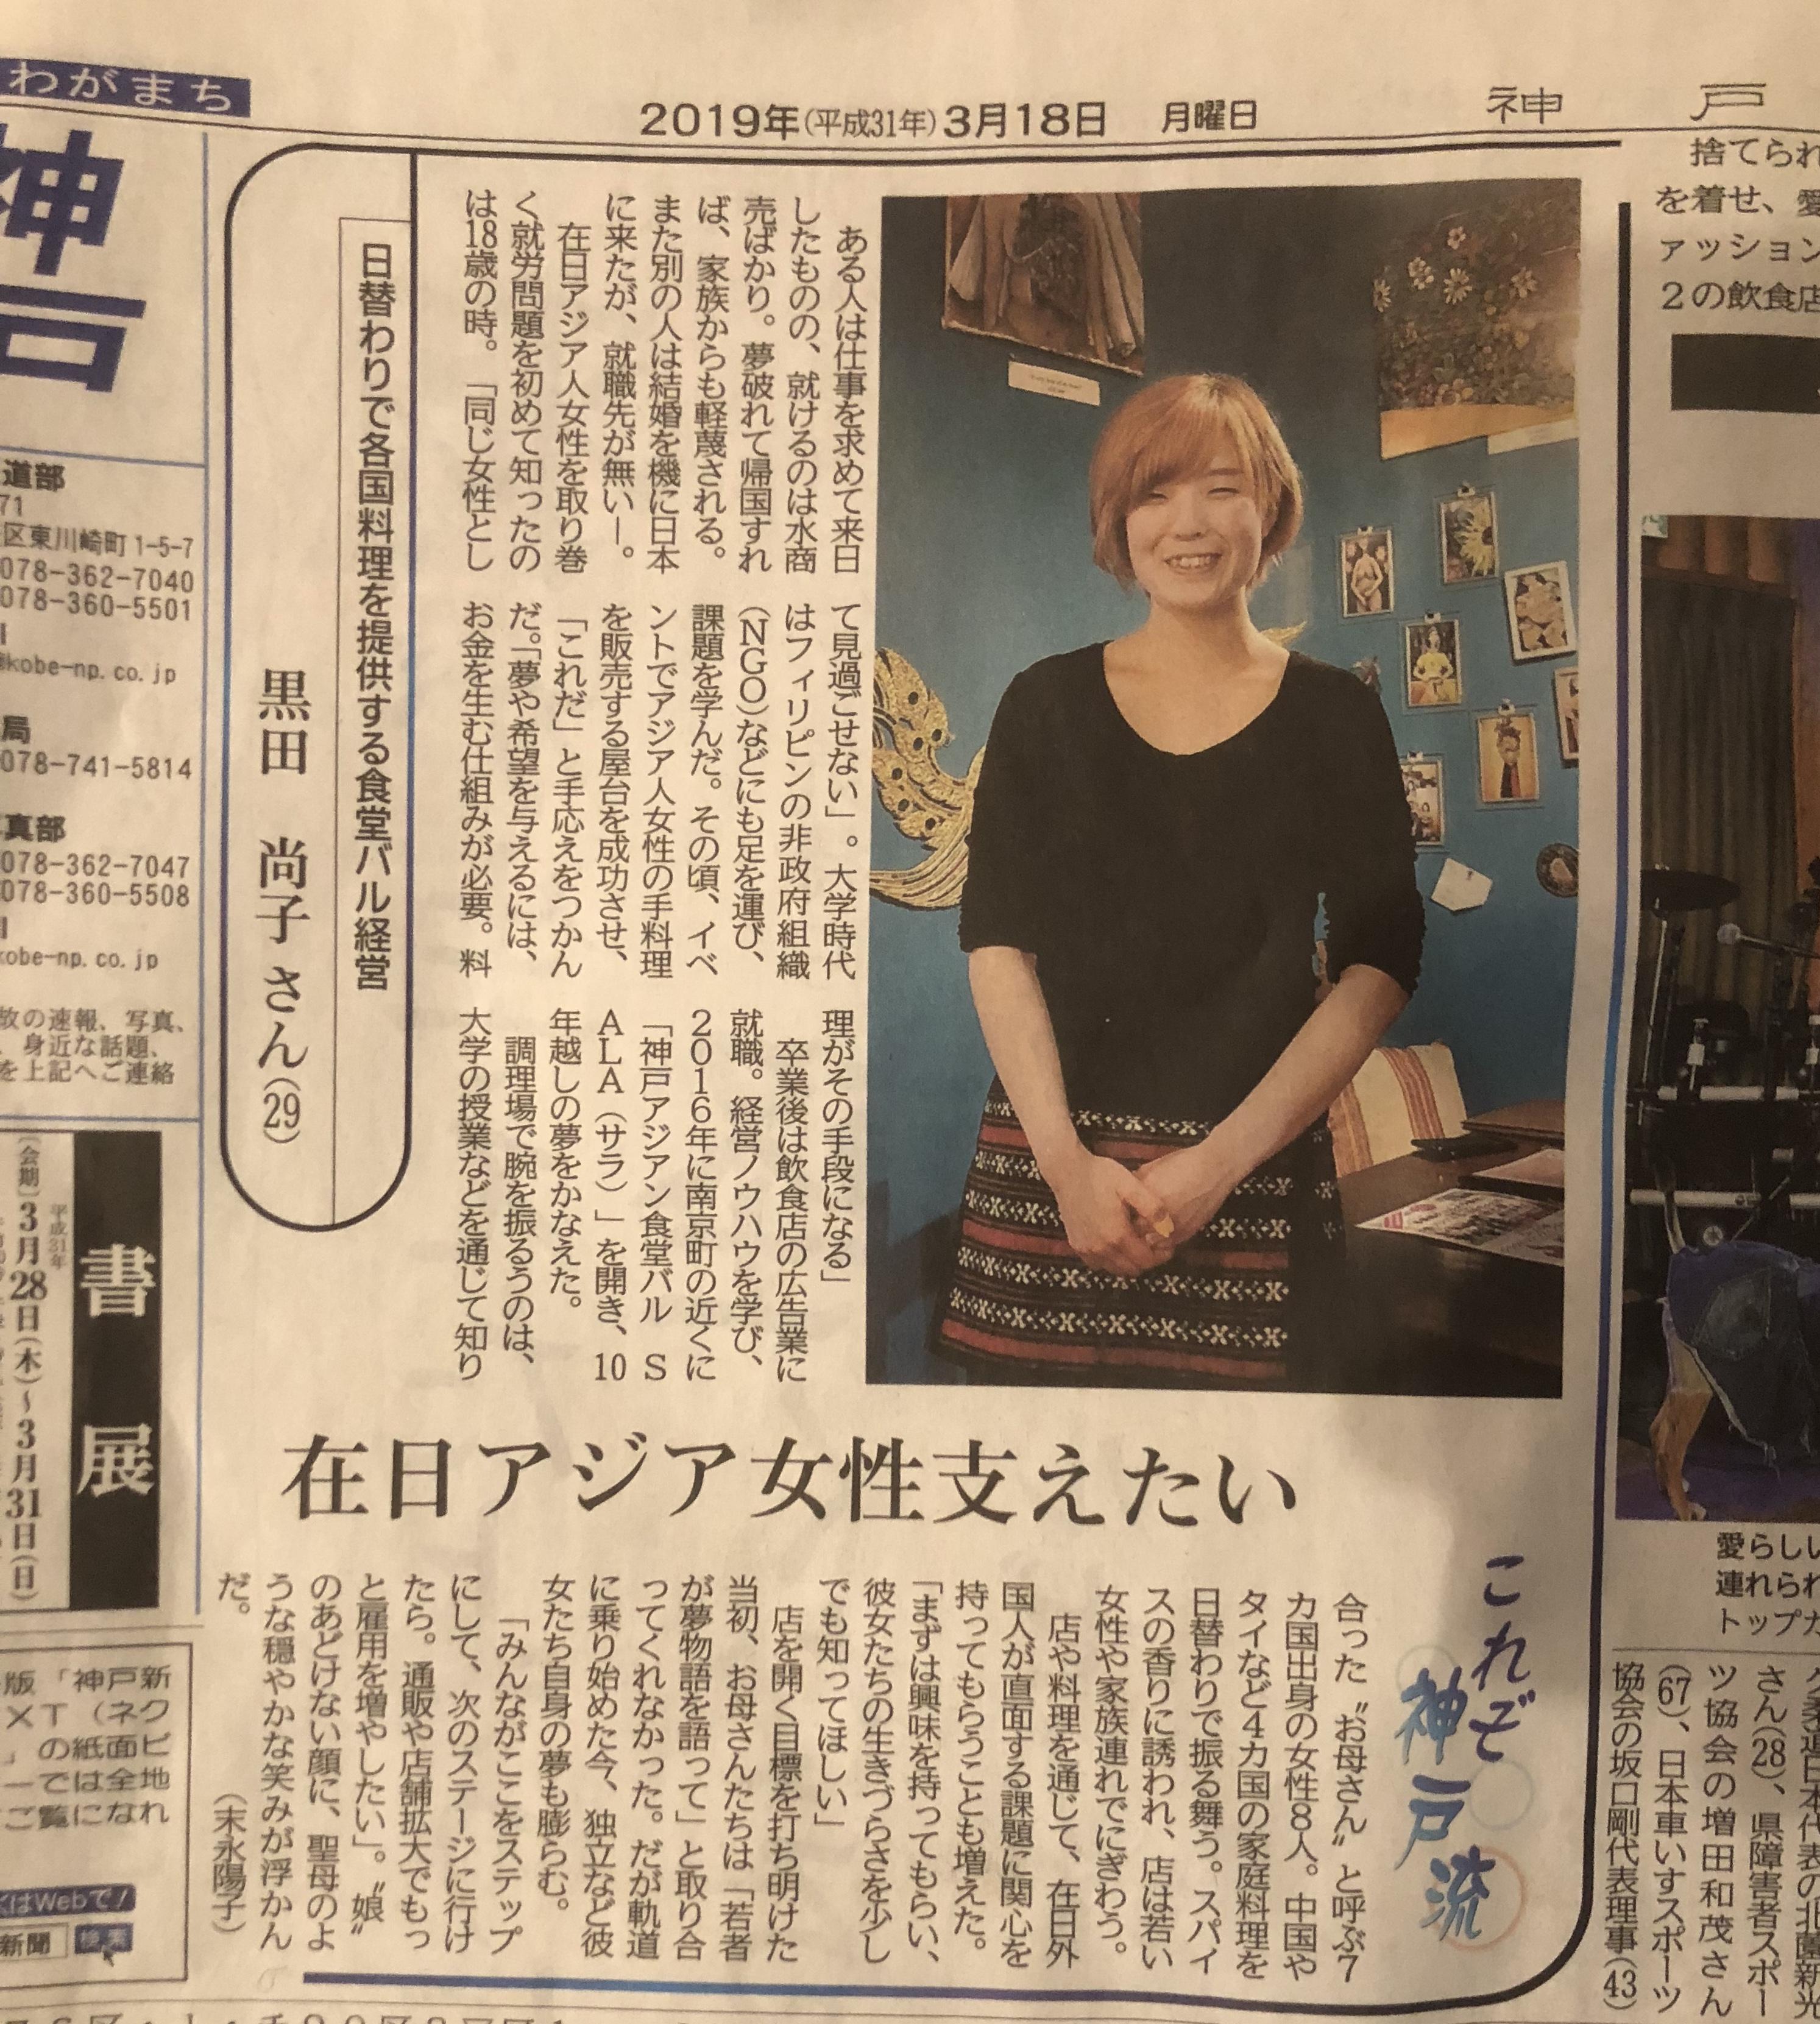 【メディア掲載情報】3月18日神戸新聞朝刊でSALAをご紹介いただけました!